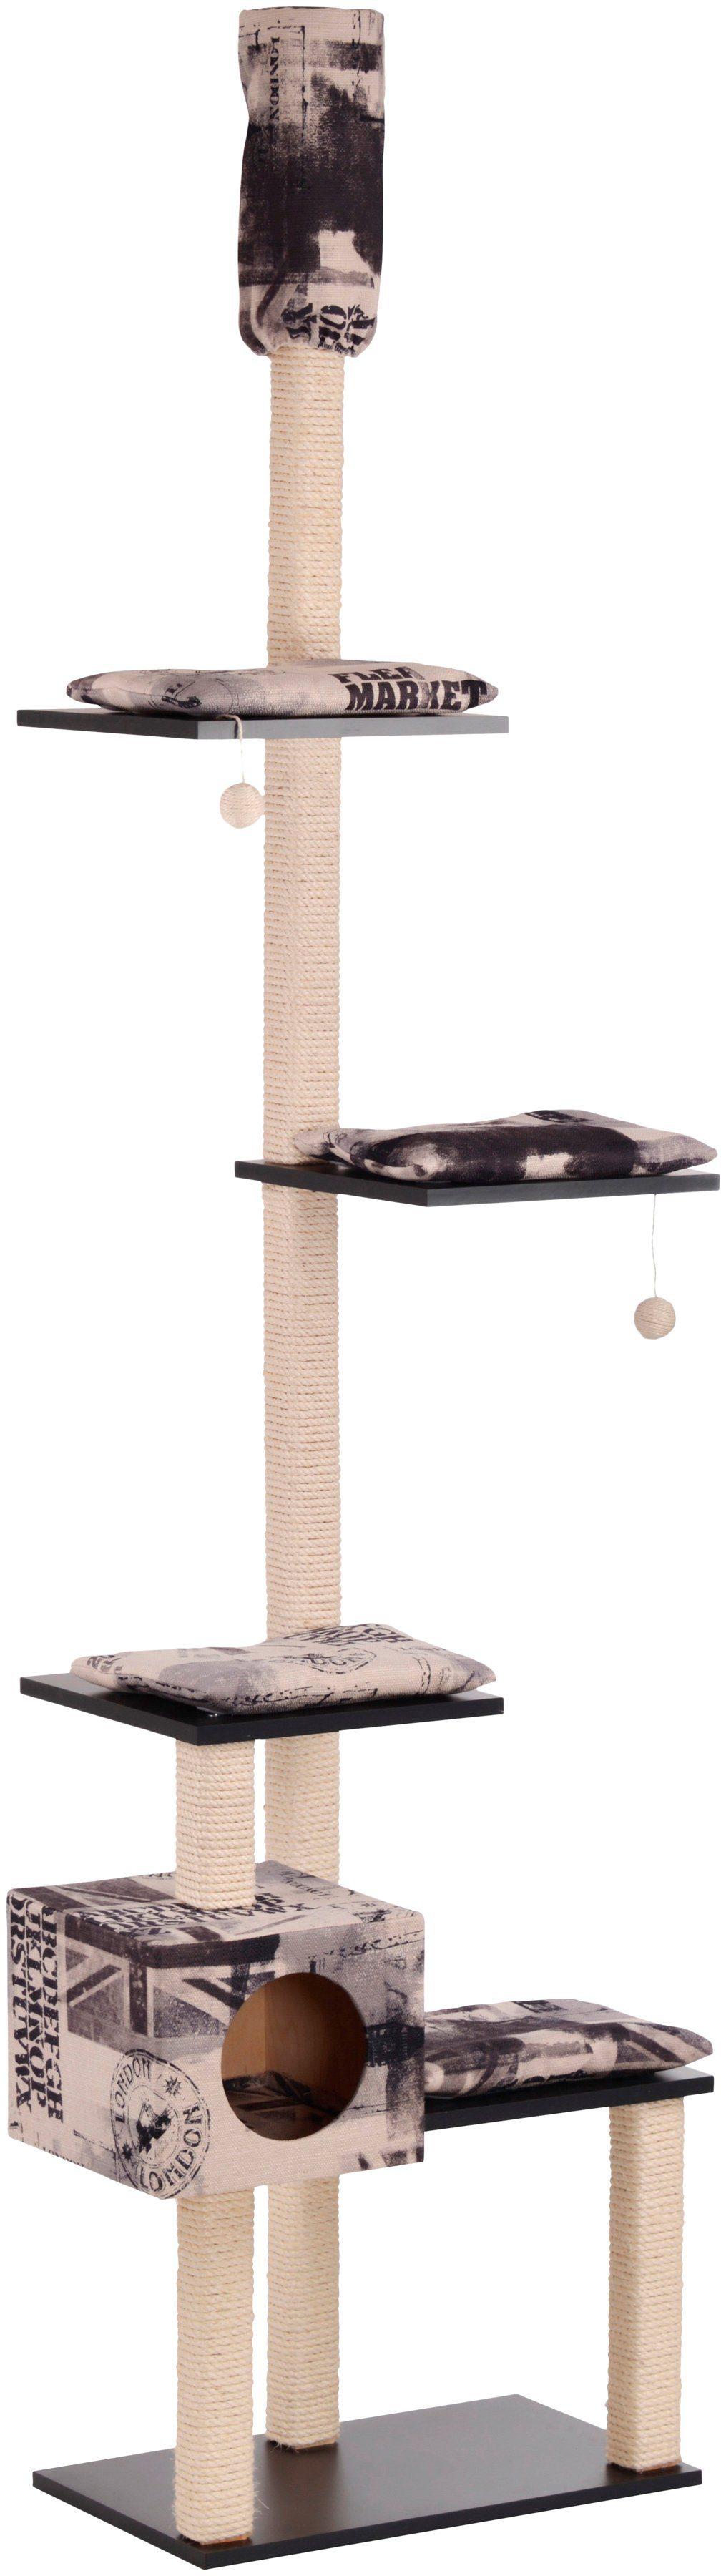 SILVIO DESIGN Kratzbaum-Deckenspanner »Celly«, B/T/H: 73/47/230-260 cm, beige/schwarz Shabby-Look